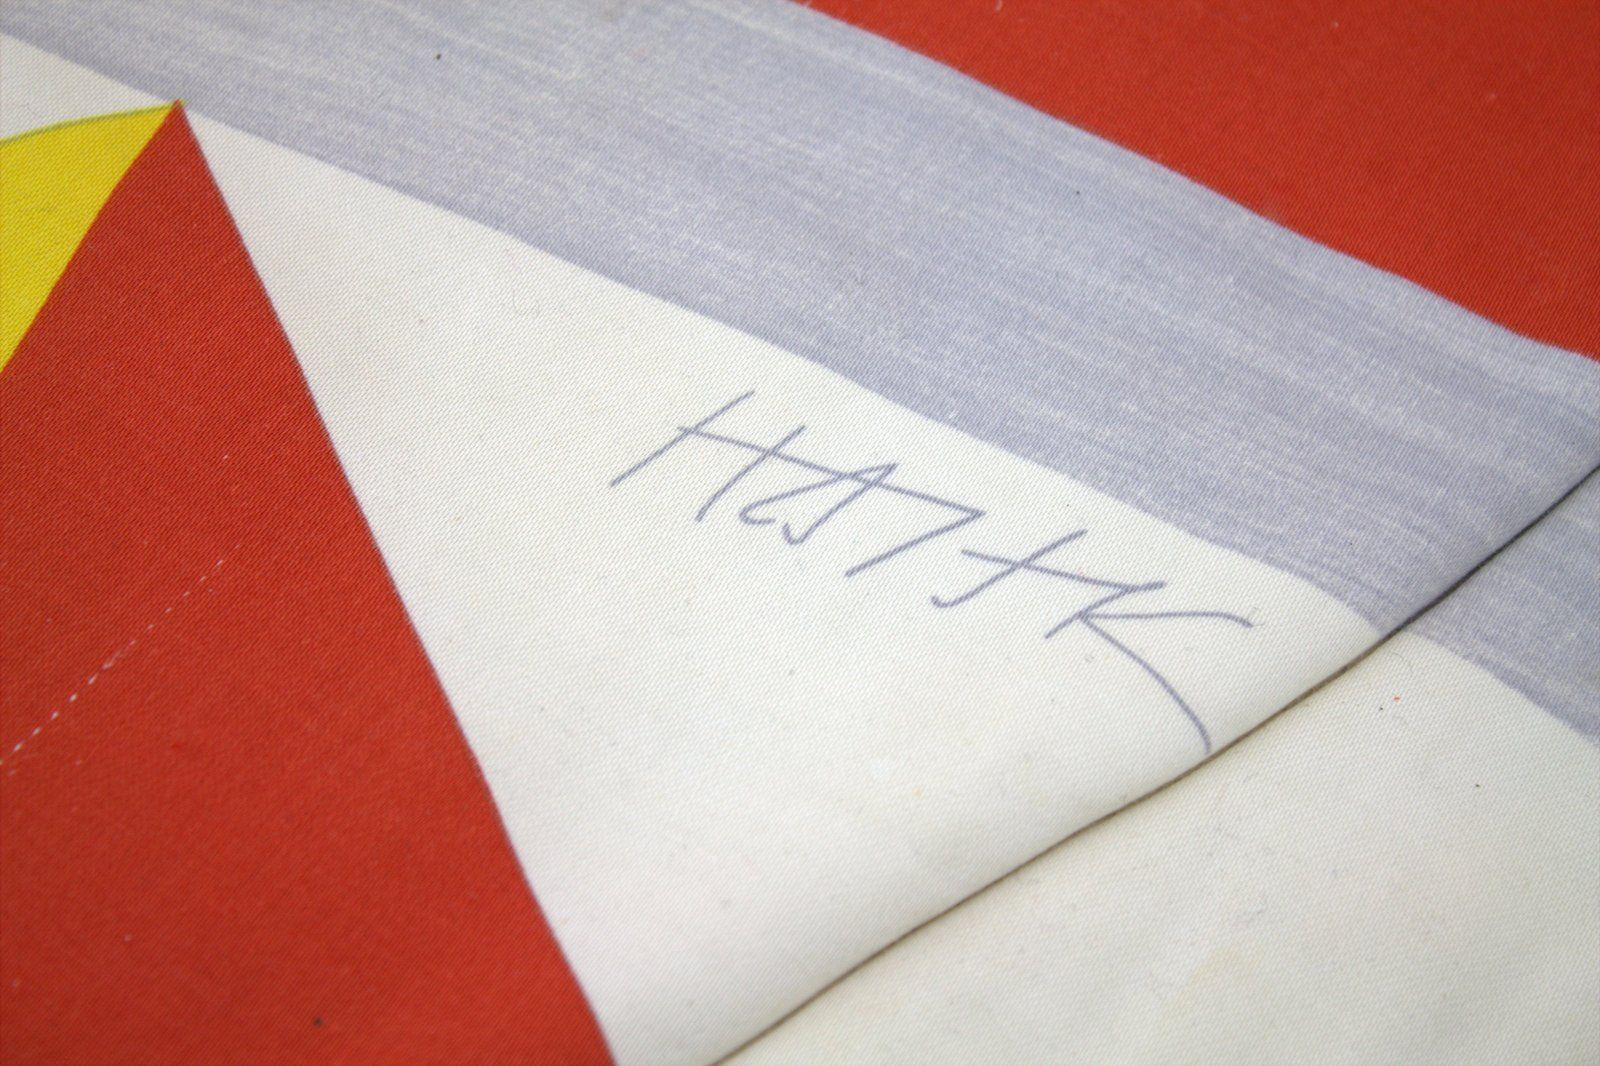 fliegender teppich beistellstuhl von simon desanta f r rosenthal 1988 bei pamono kaufen. Black Bedroom Furniture Sets. Home Design Ideas